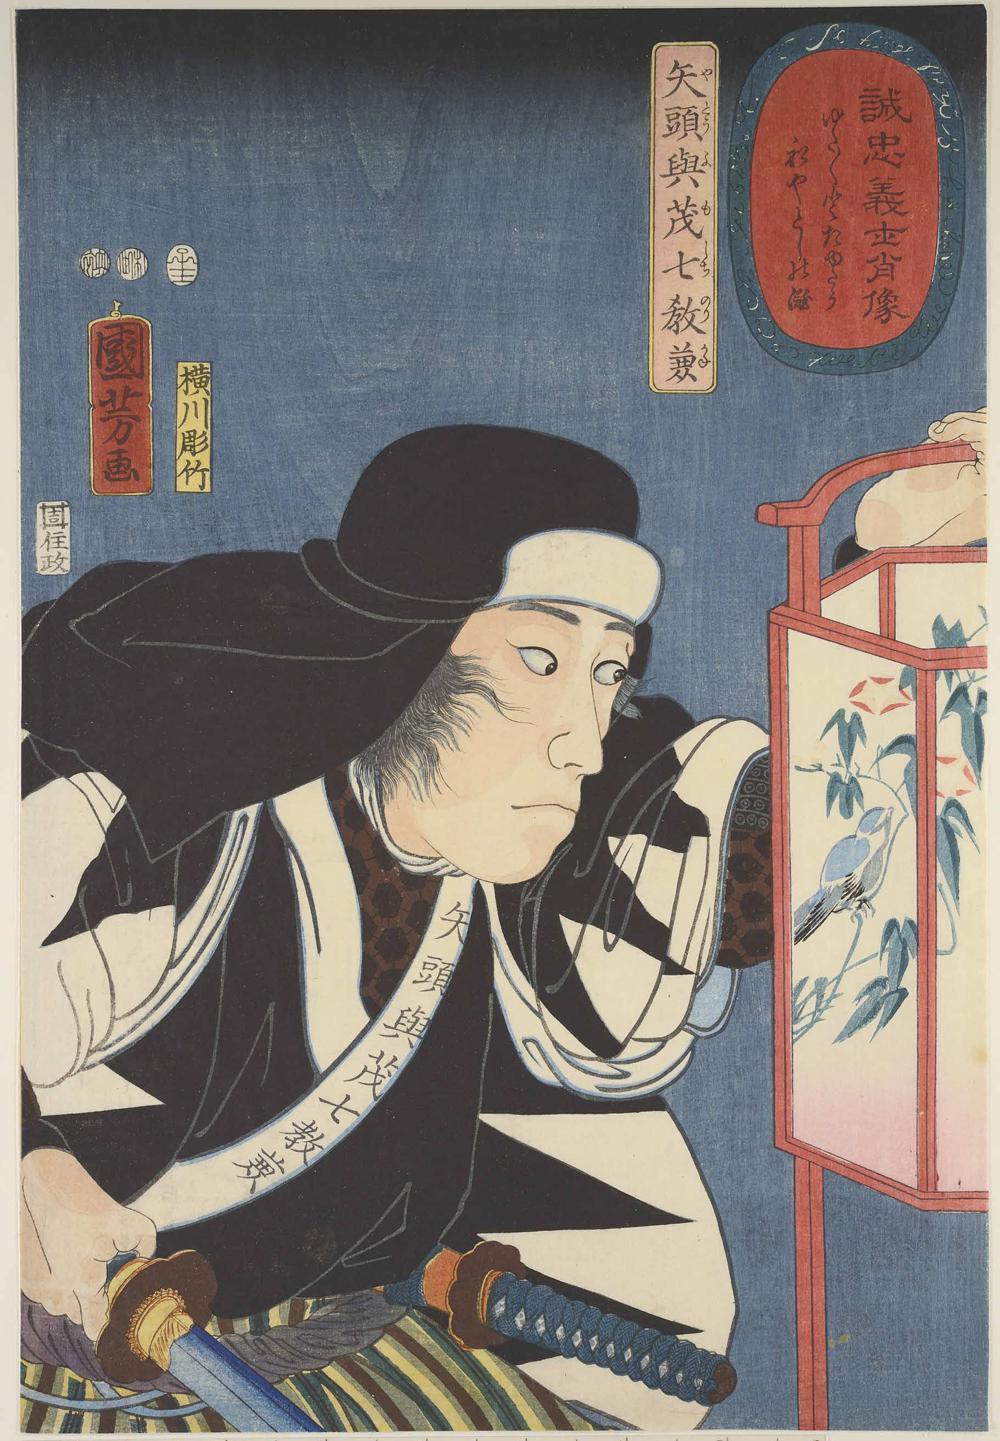 MKG_HokusaiXManga_Kuniyoshi_Samurai